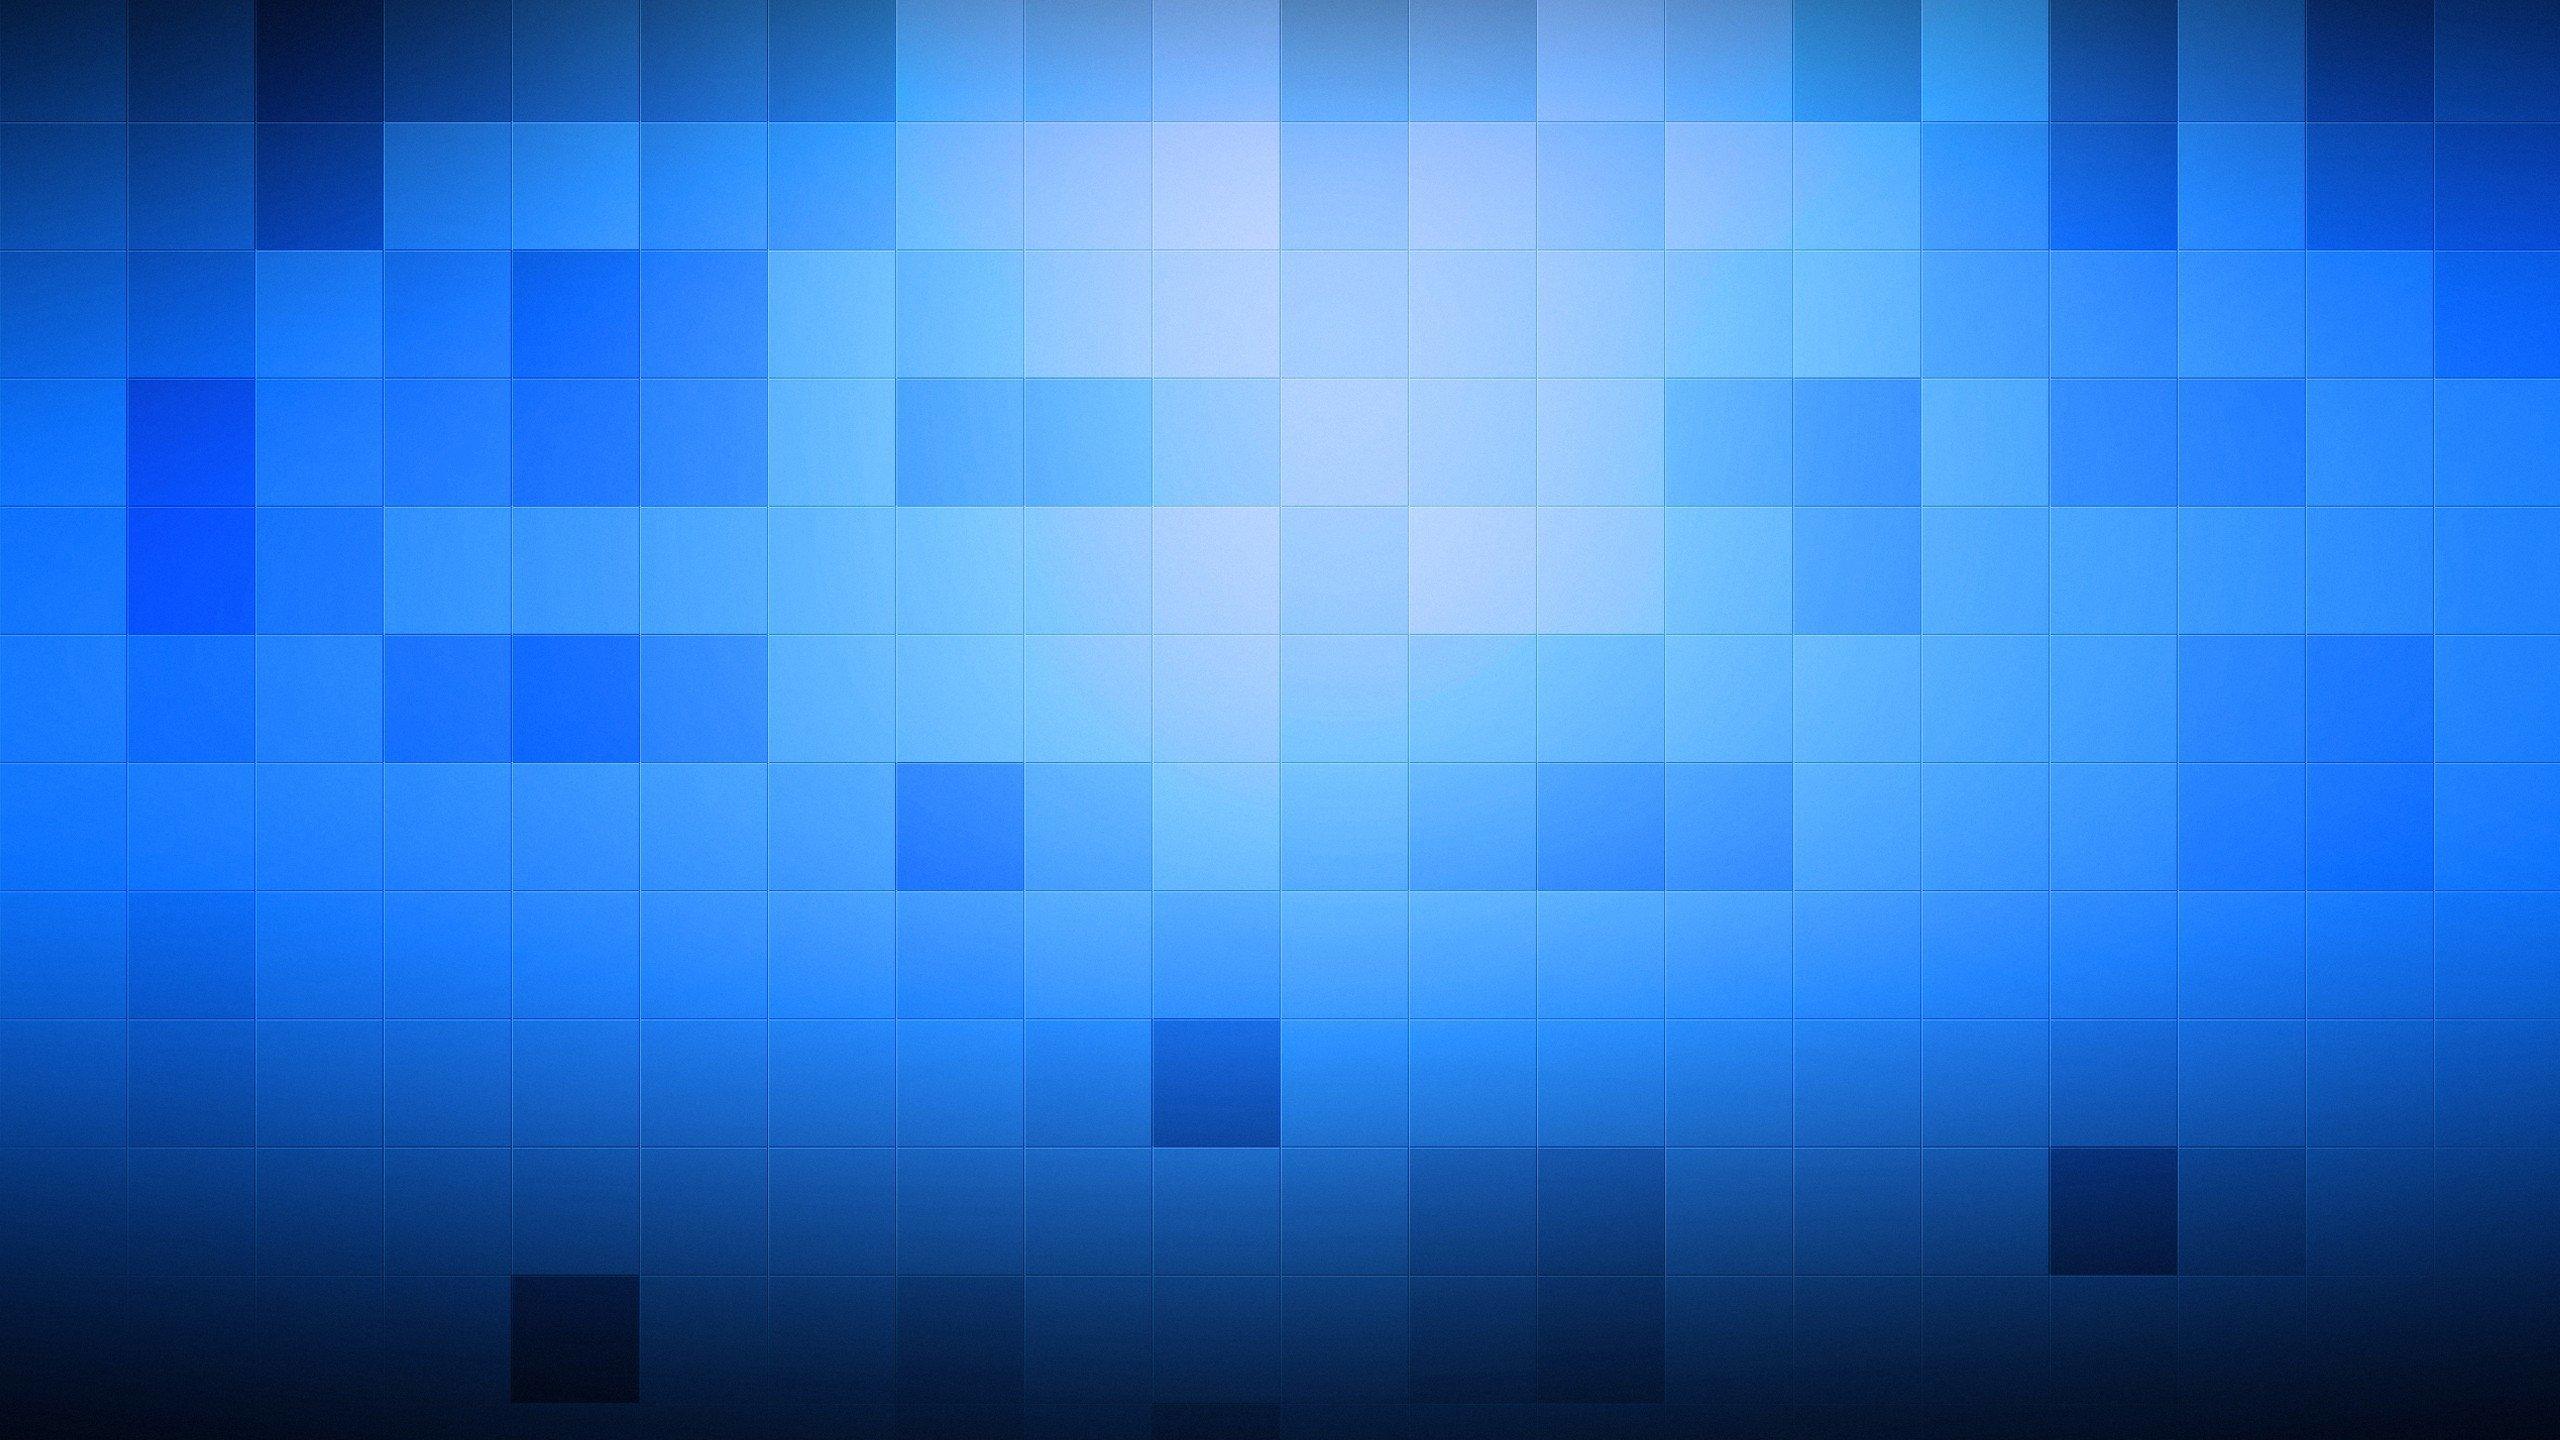 Wallpaper 2560x1440 Px Blue Minimalism Pixels Square